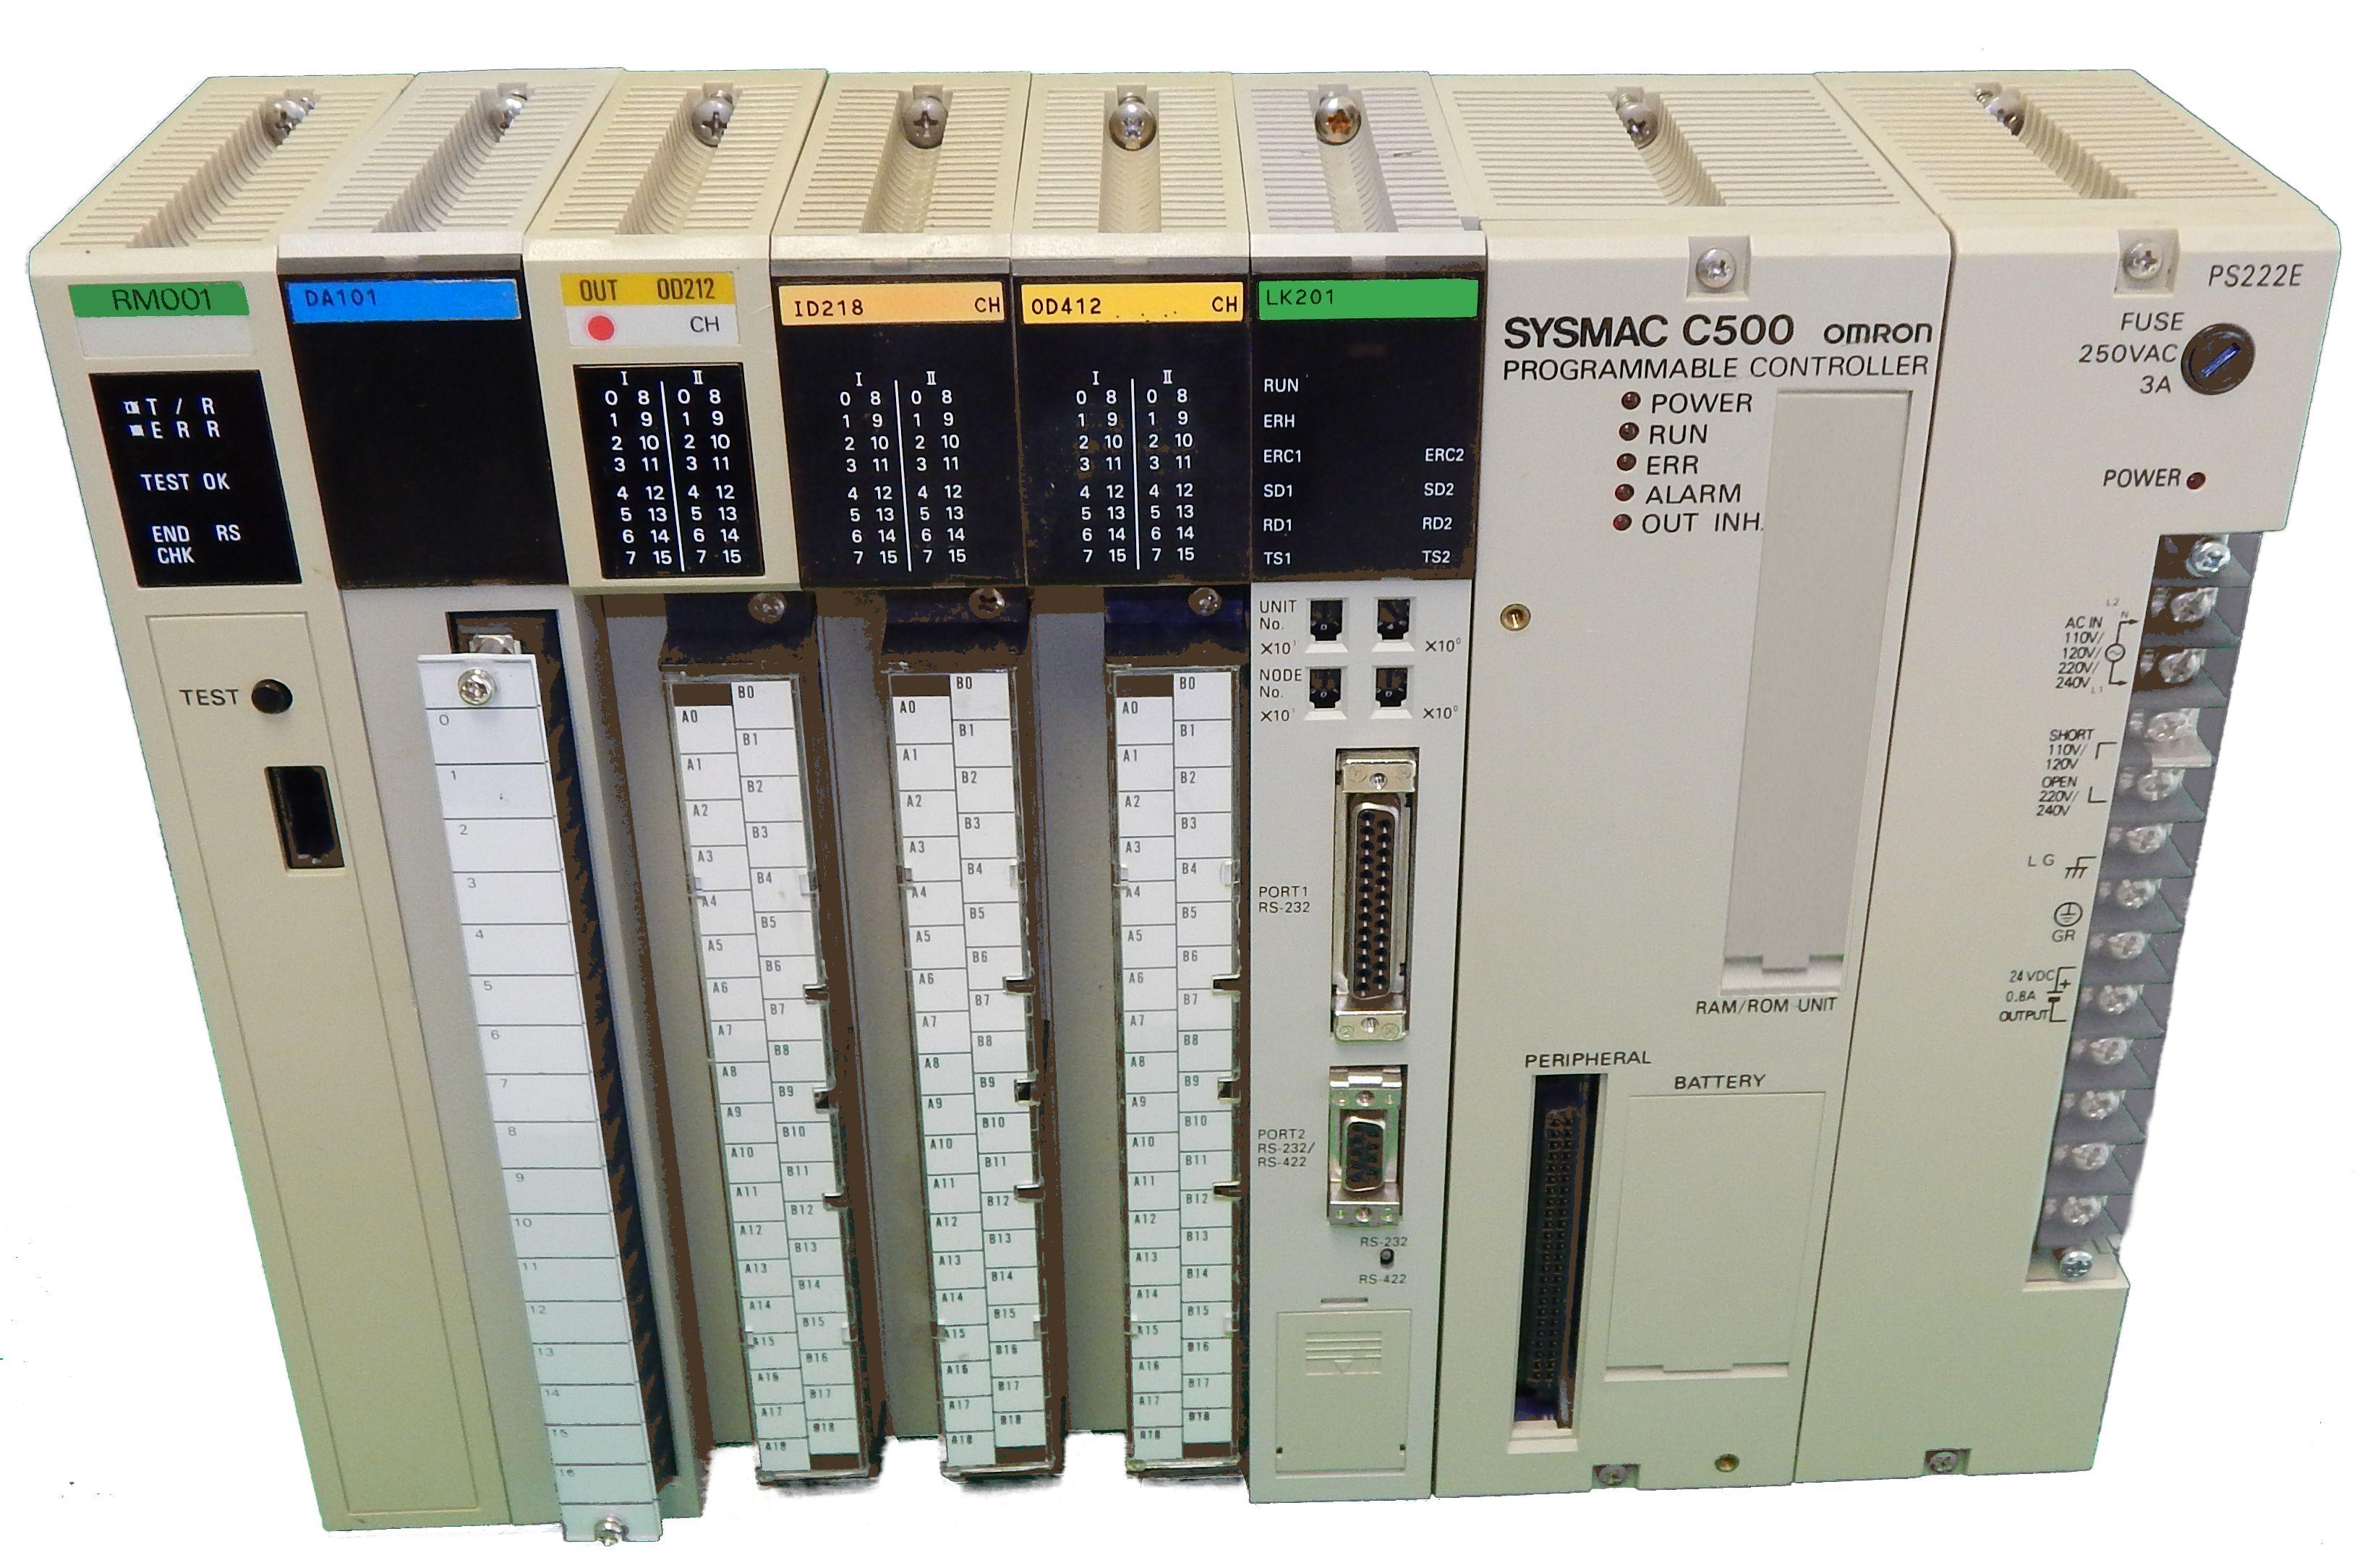 3G2A5-COV01